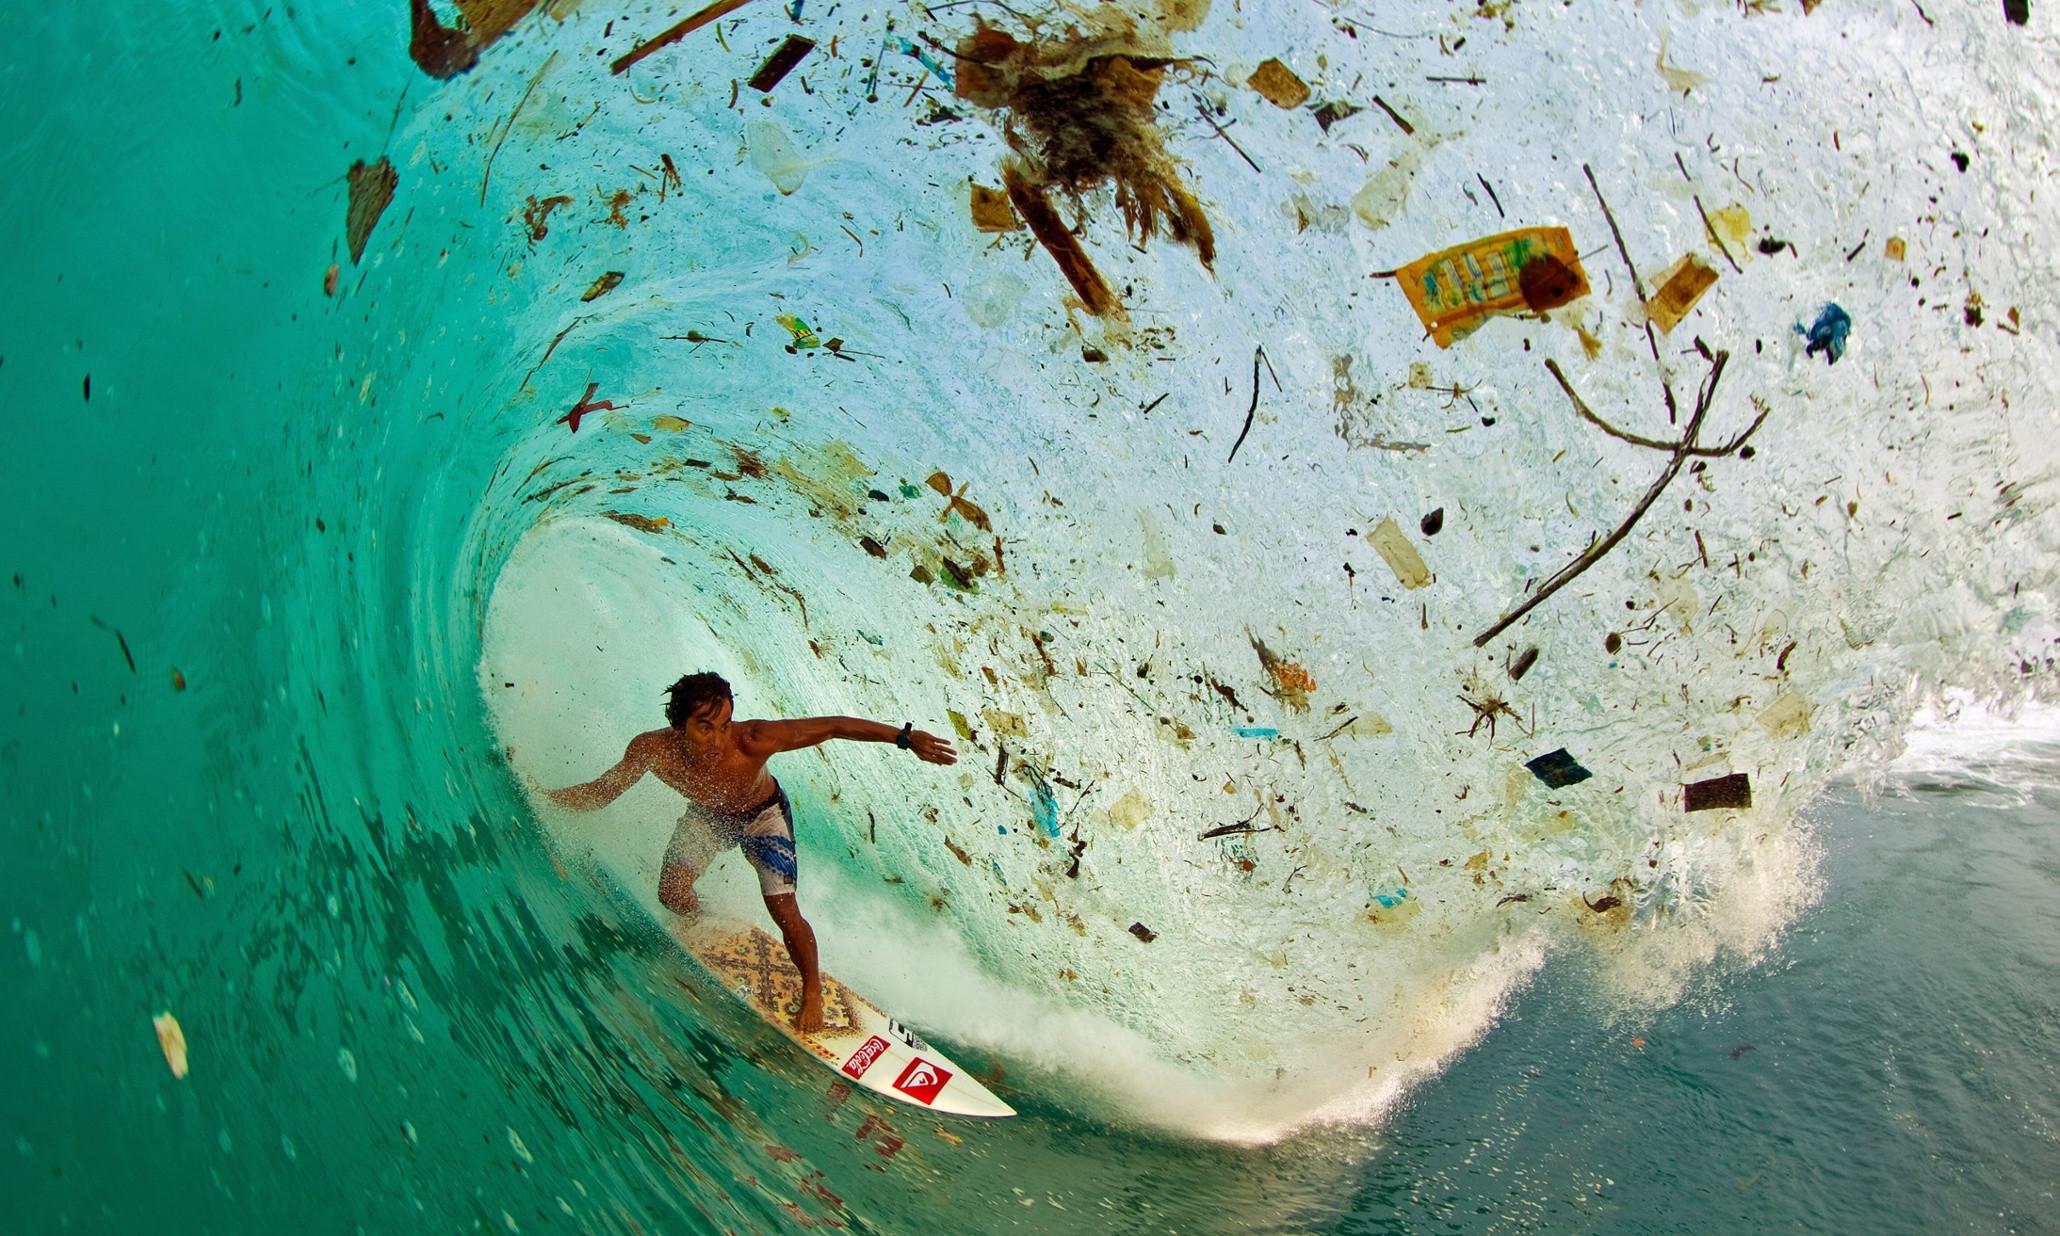 endonezya da sörf yapmak